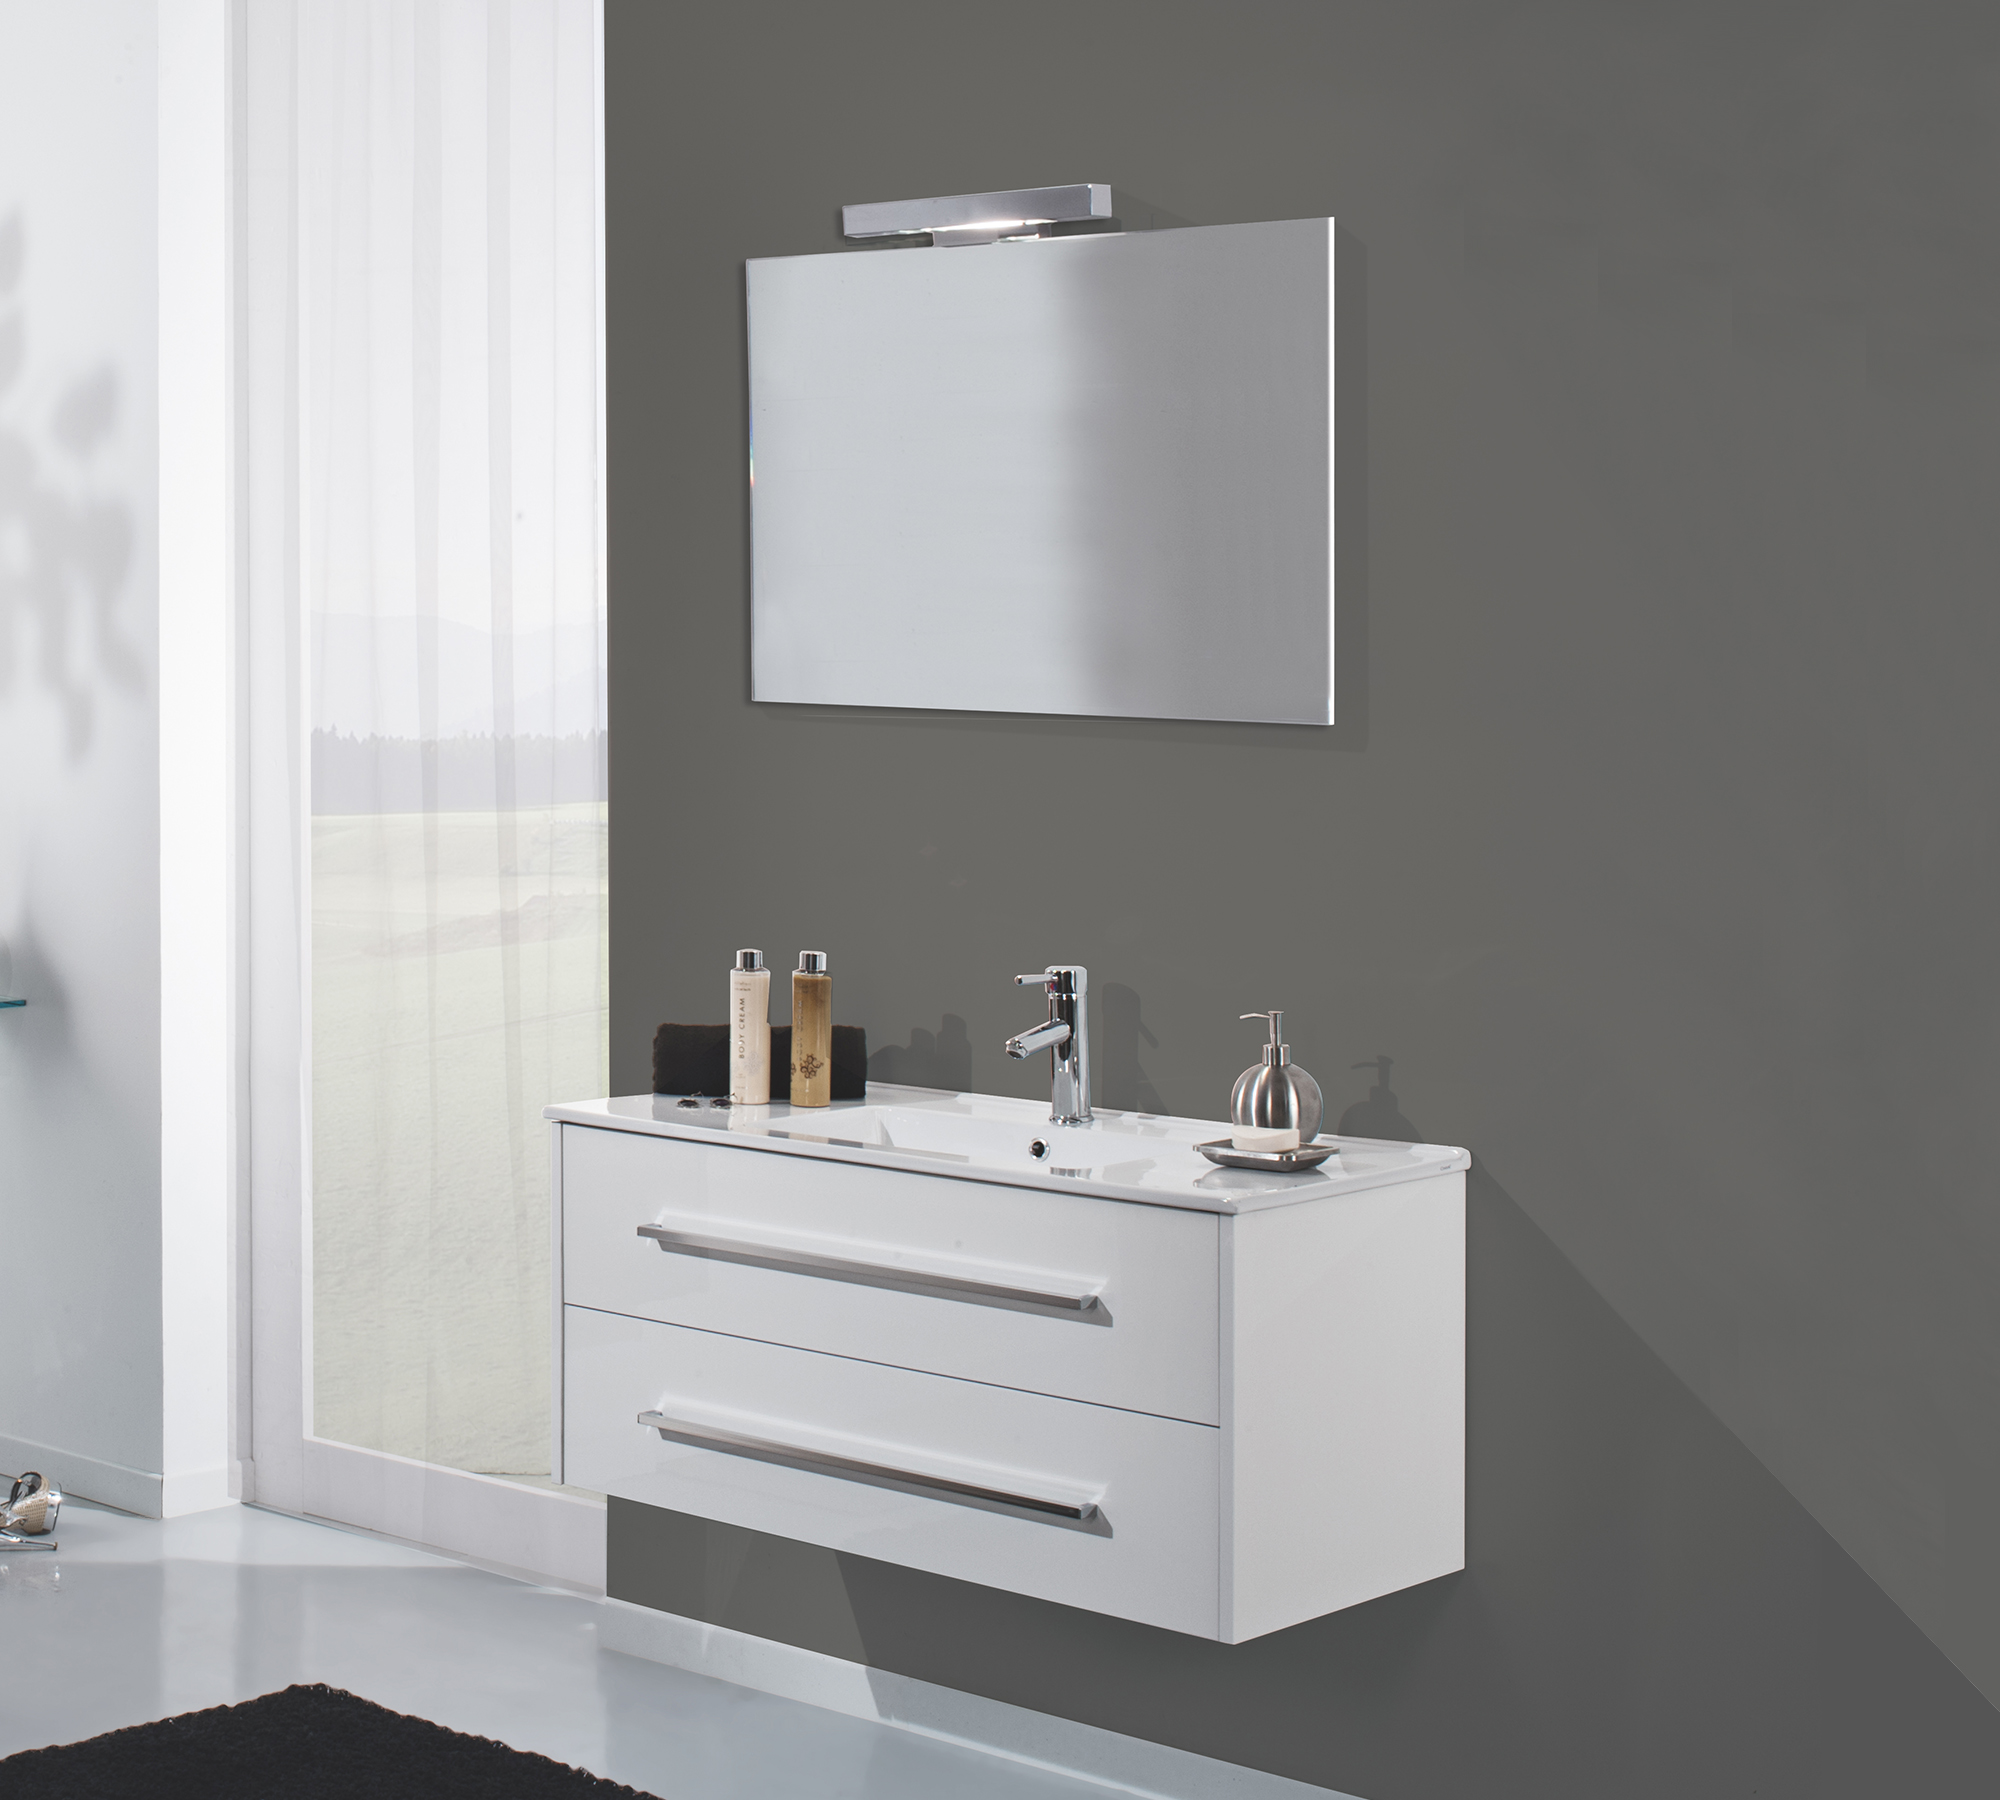 Arredo bagno moderno bianco duzzle for E arredo bagno